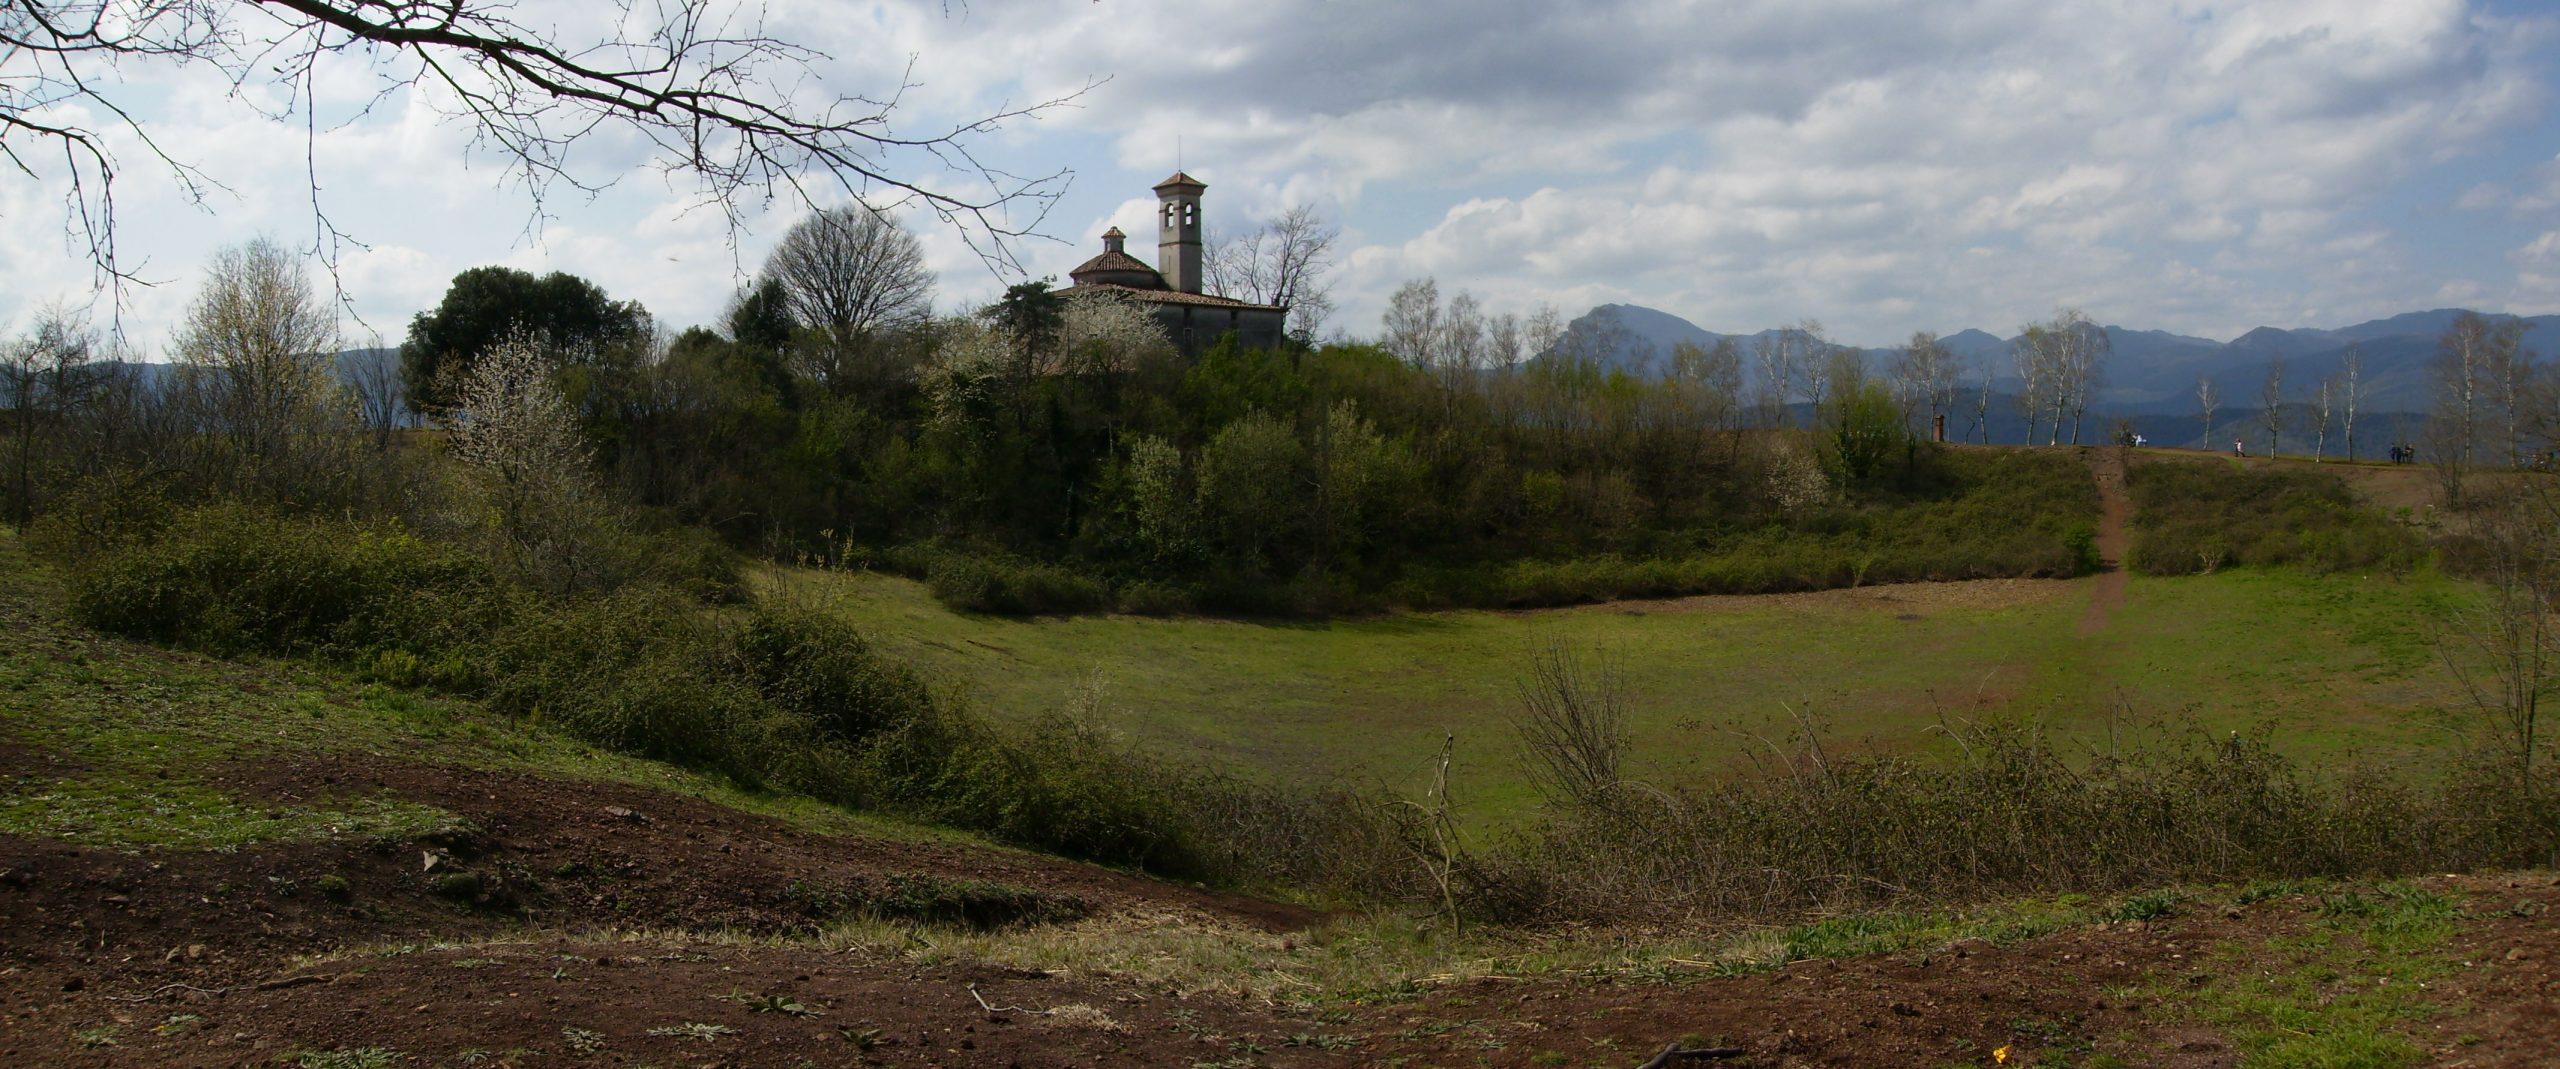 Volcà Montsacopa (restaurim.com)